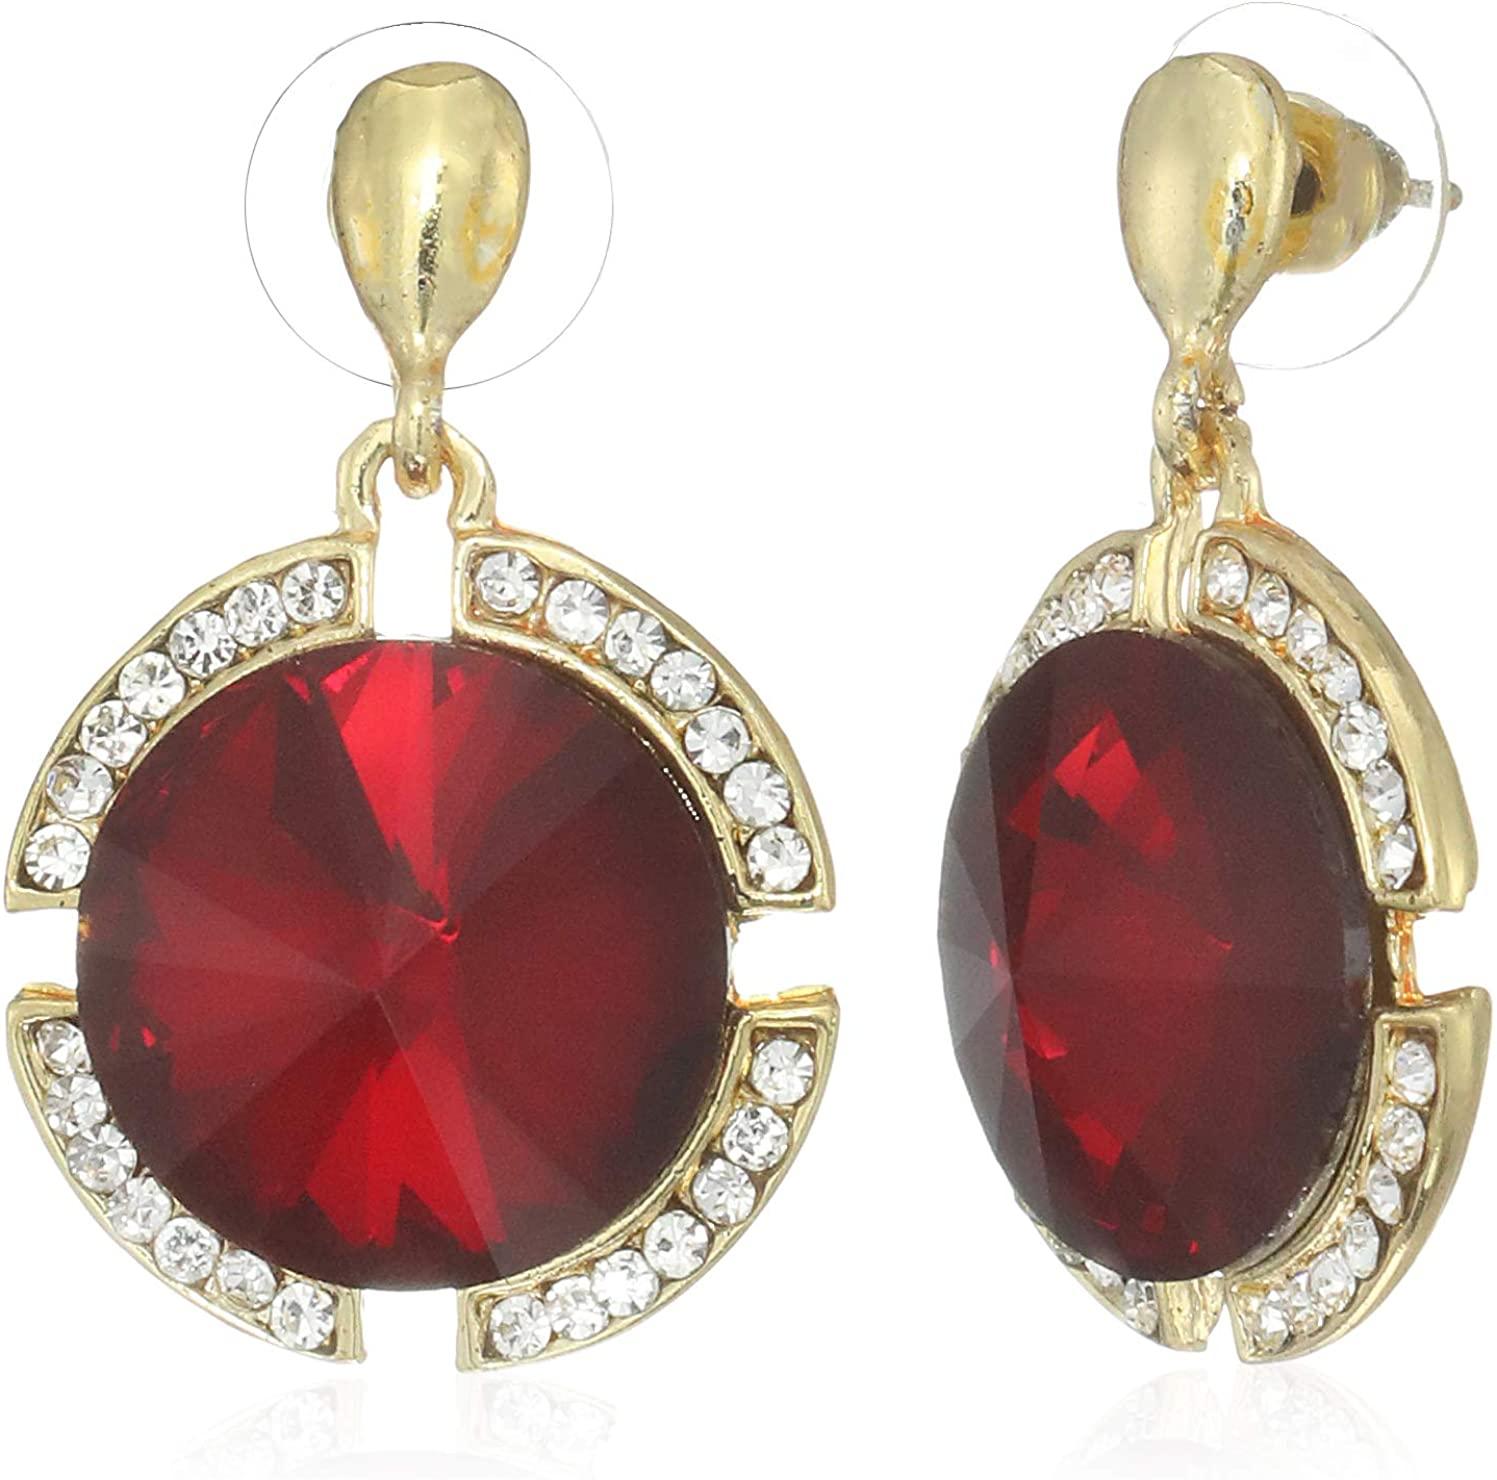 Swadev Jewels Bollywood Style Party Wear Crystal Dangle Earrings for Women & Girls